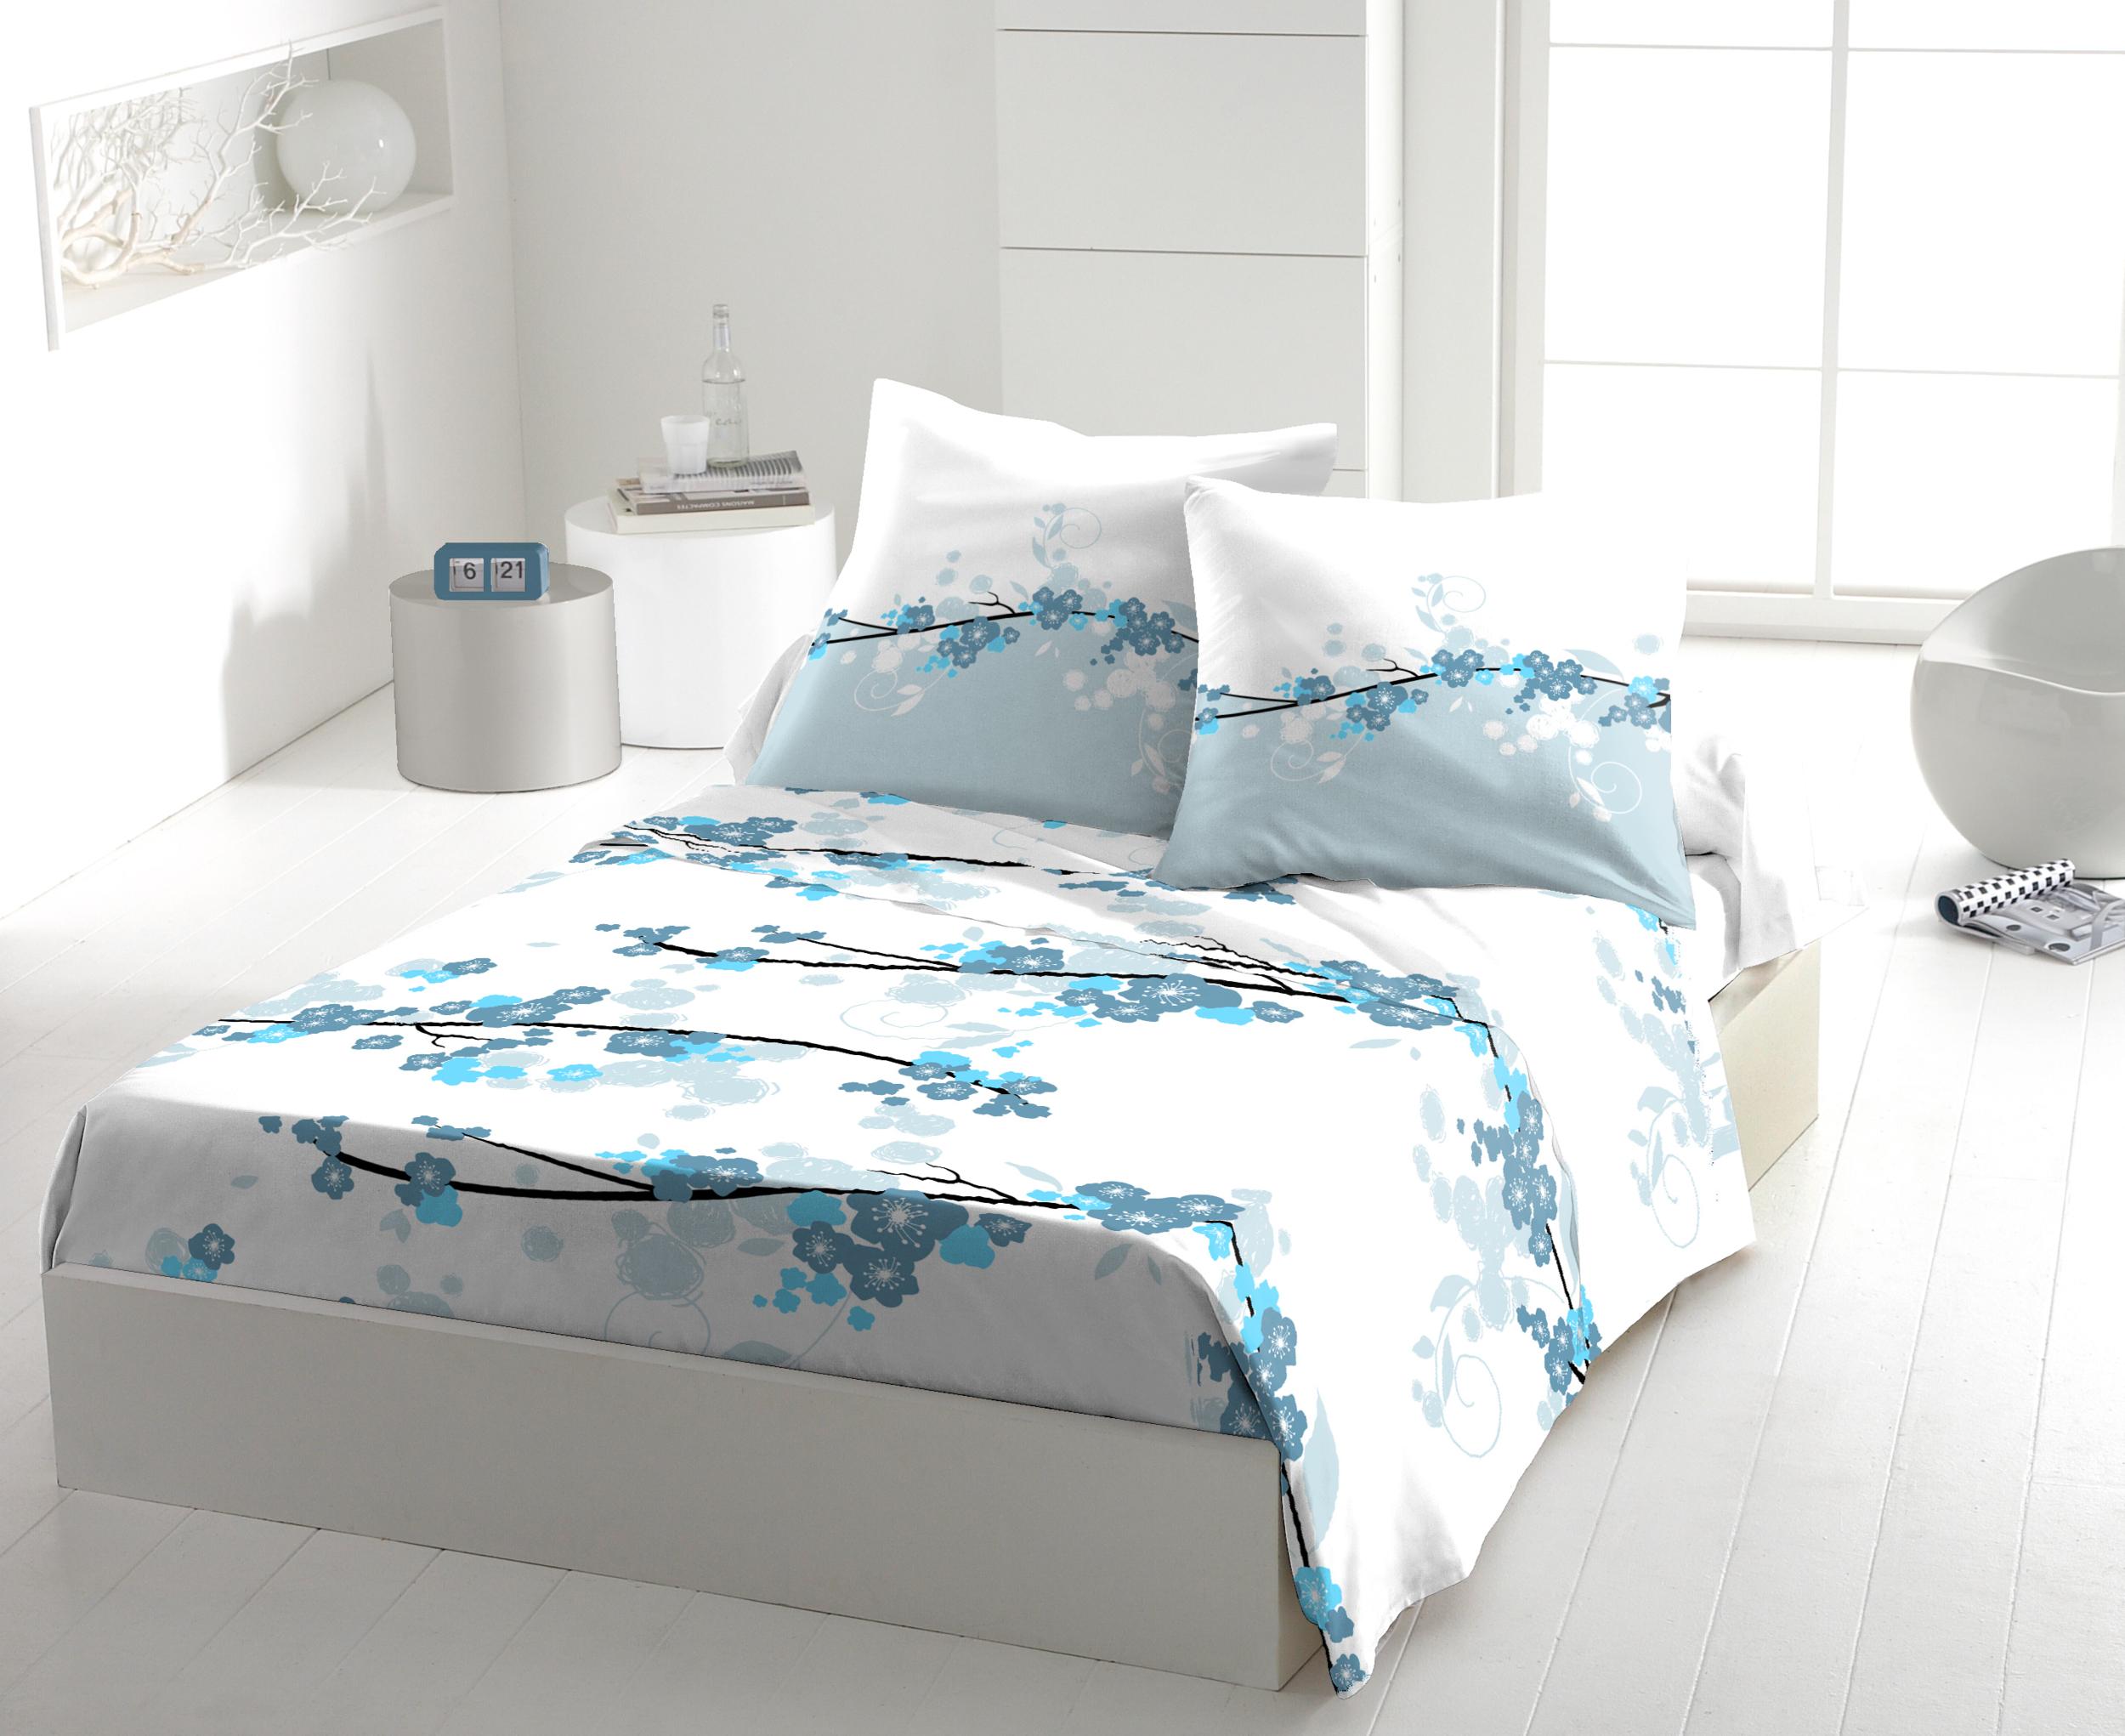 Parure de drap 100% coton 5pcs 240x300 japy bleu